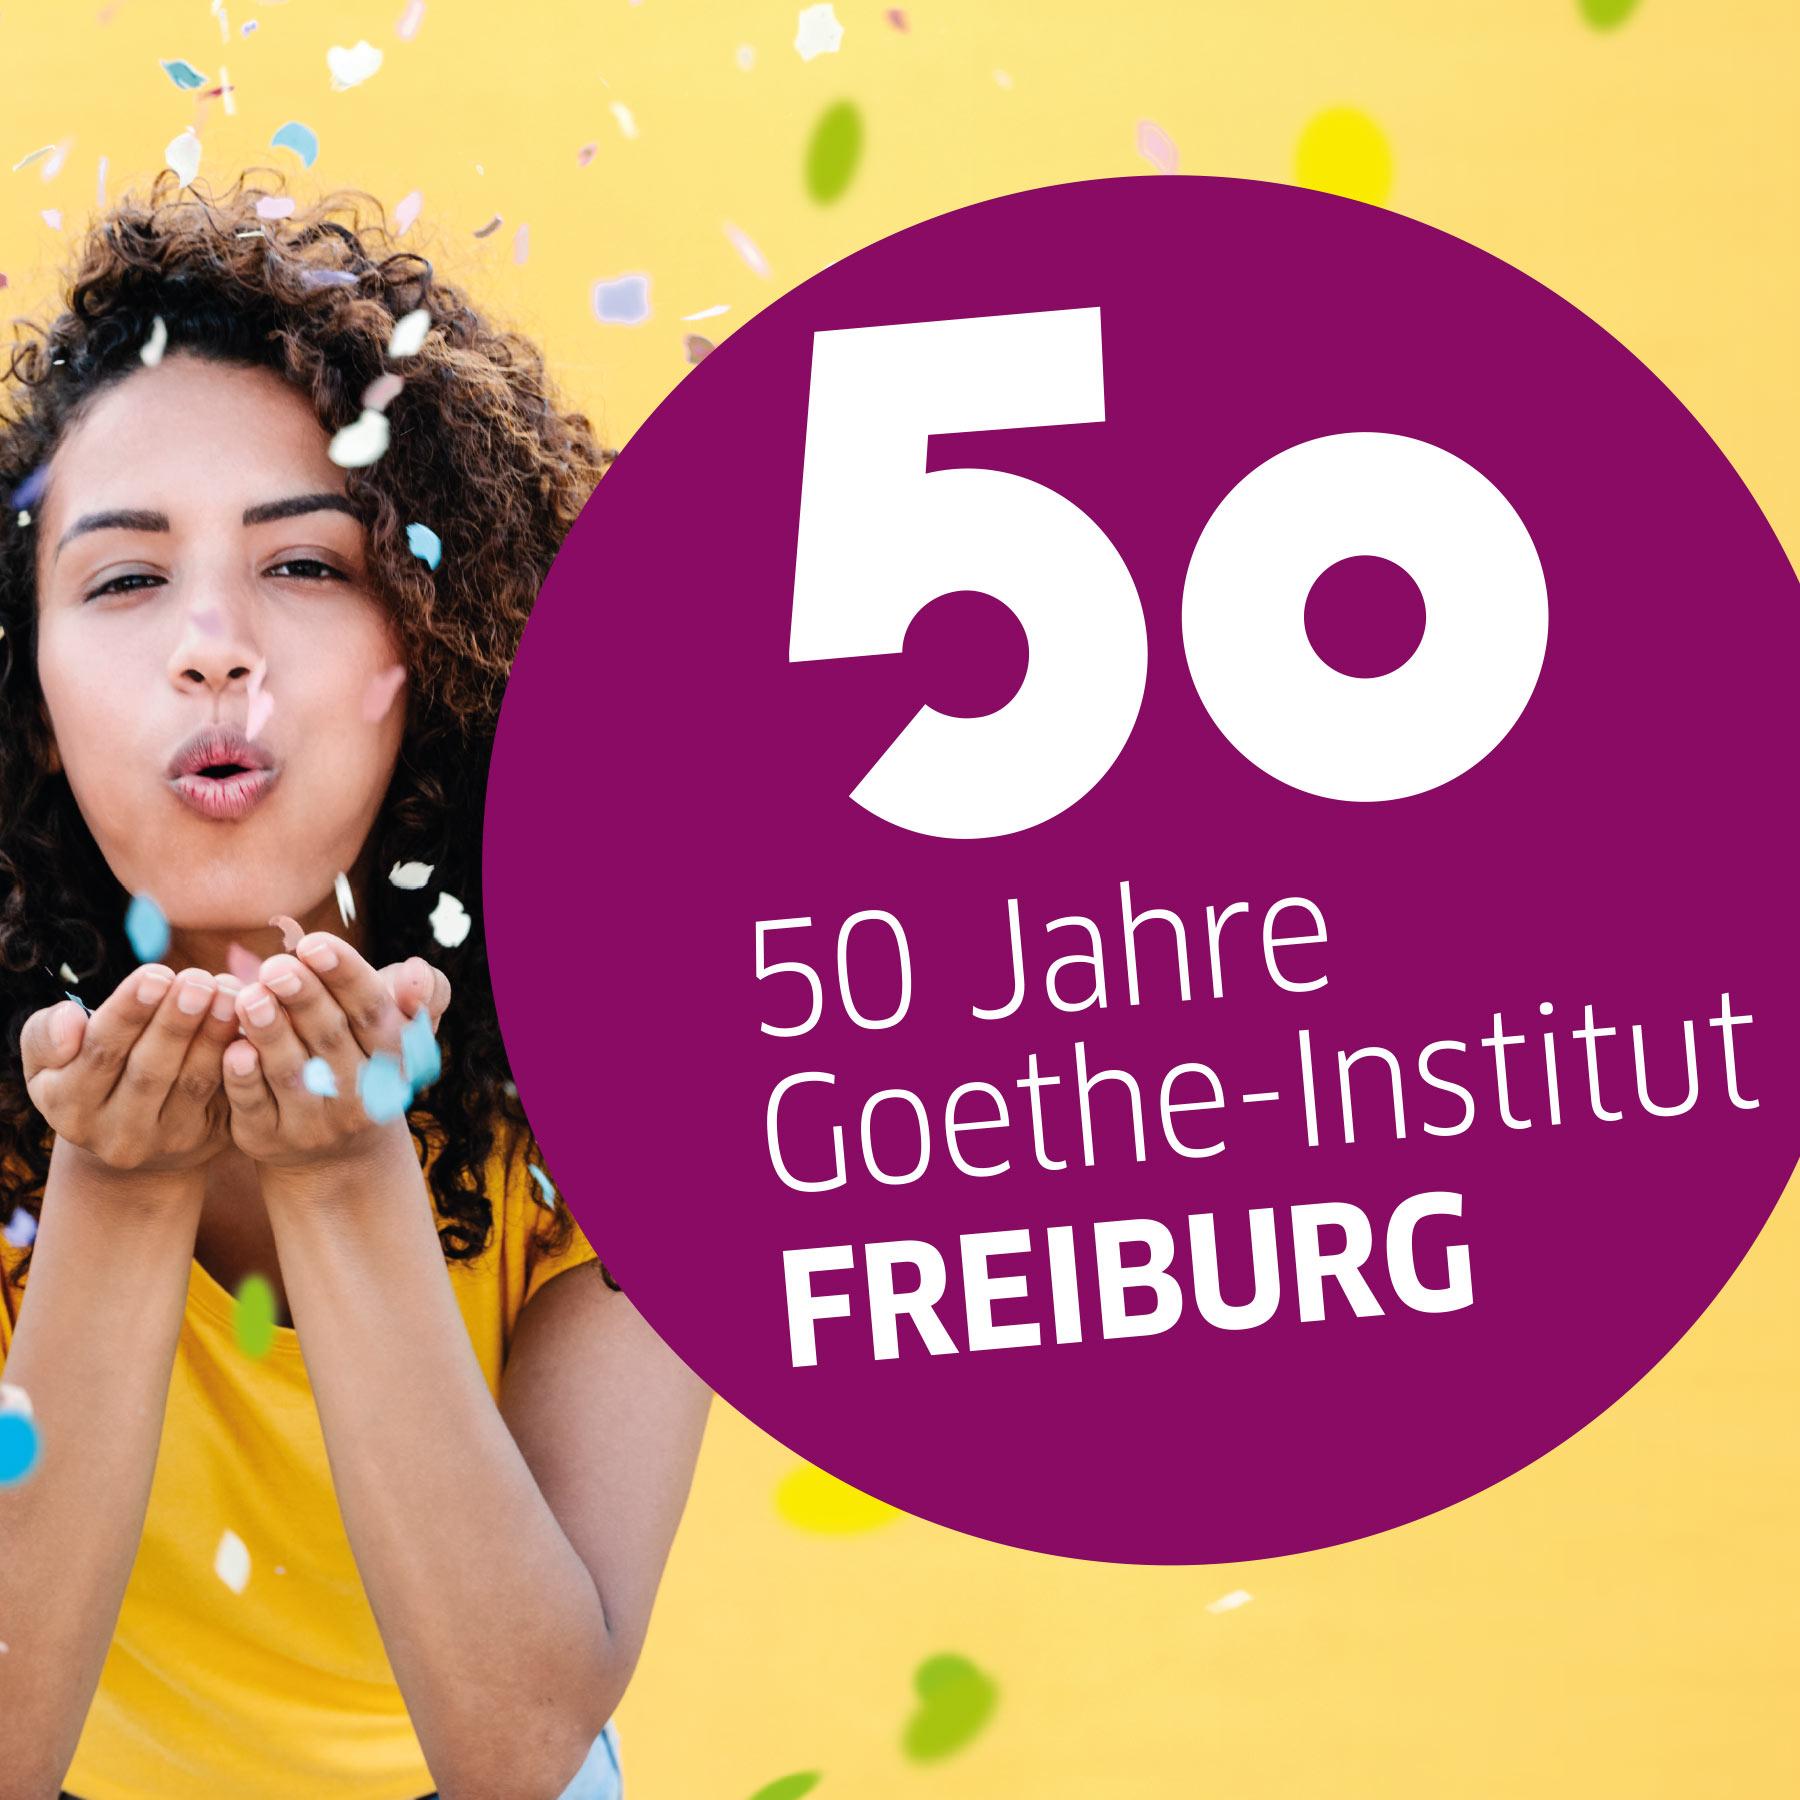 50Jahre_Goethe-Institut